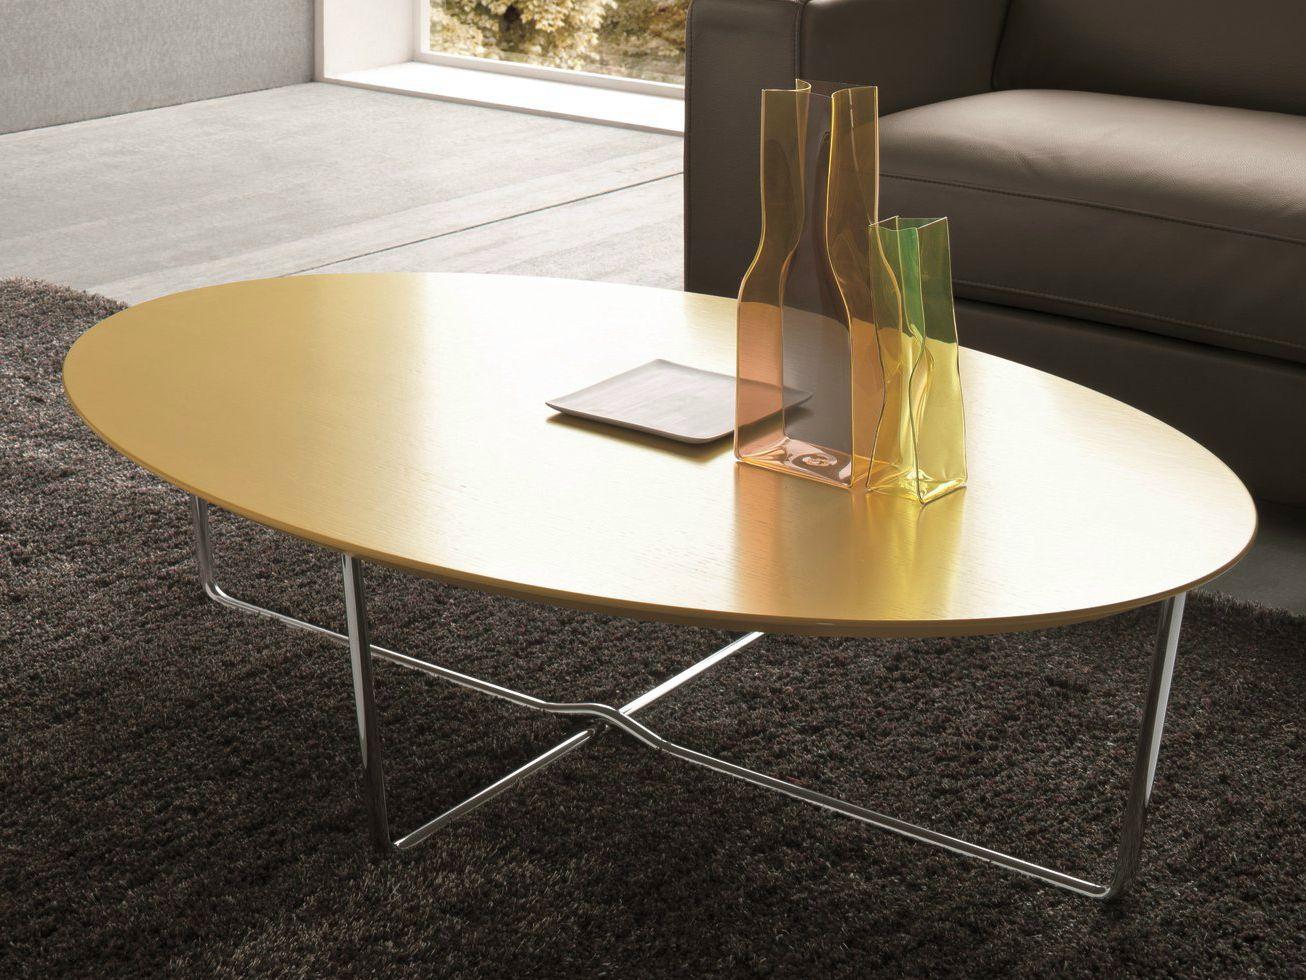 table basse laqu e ovale de salon giglio by dall agnese design imago design massimo rosa. Black Bedroom Furniture Sets. Home Design Ideas